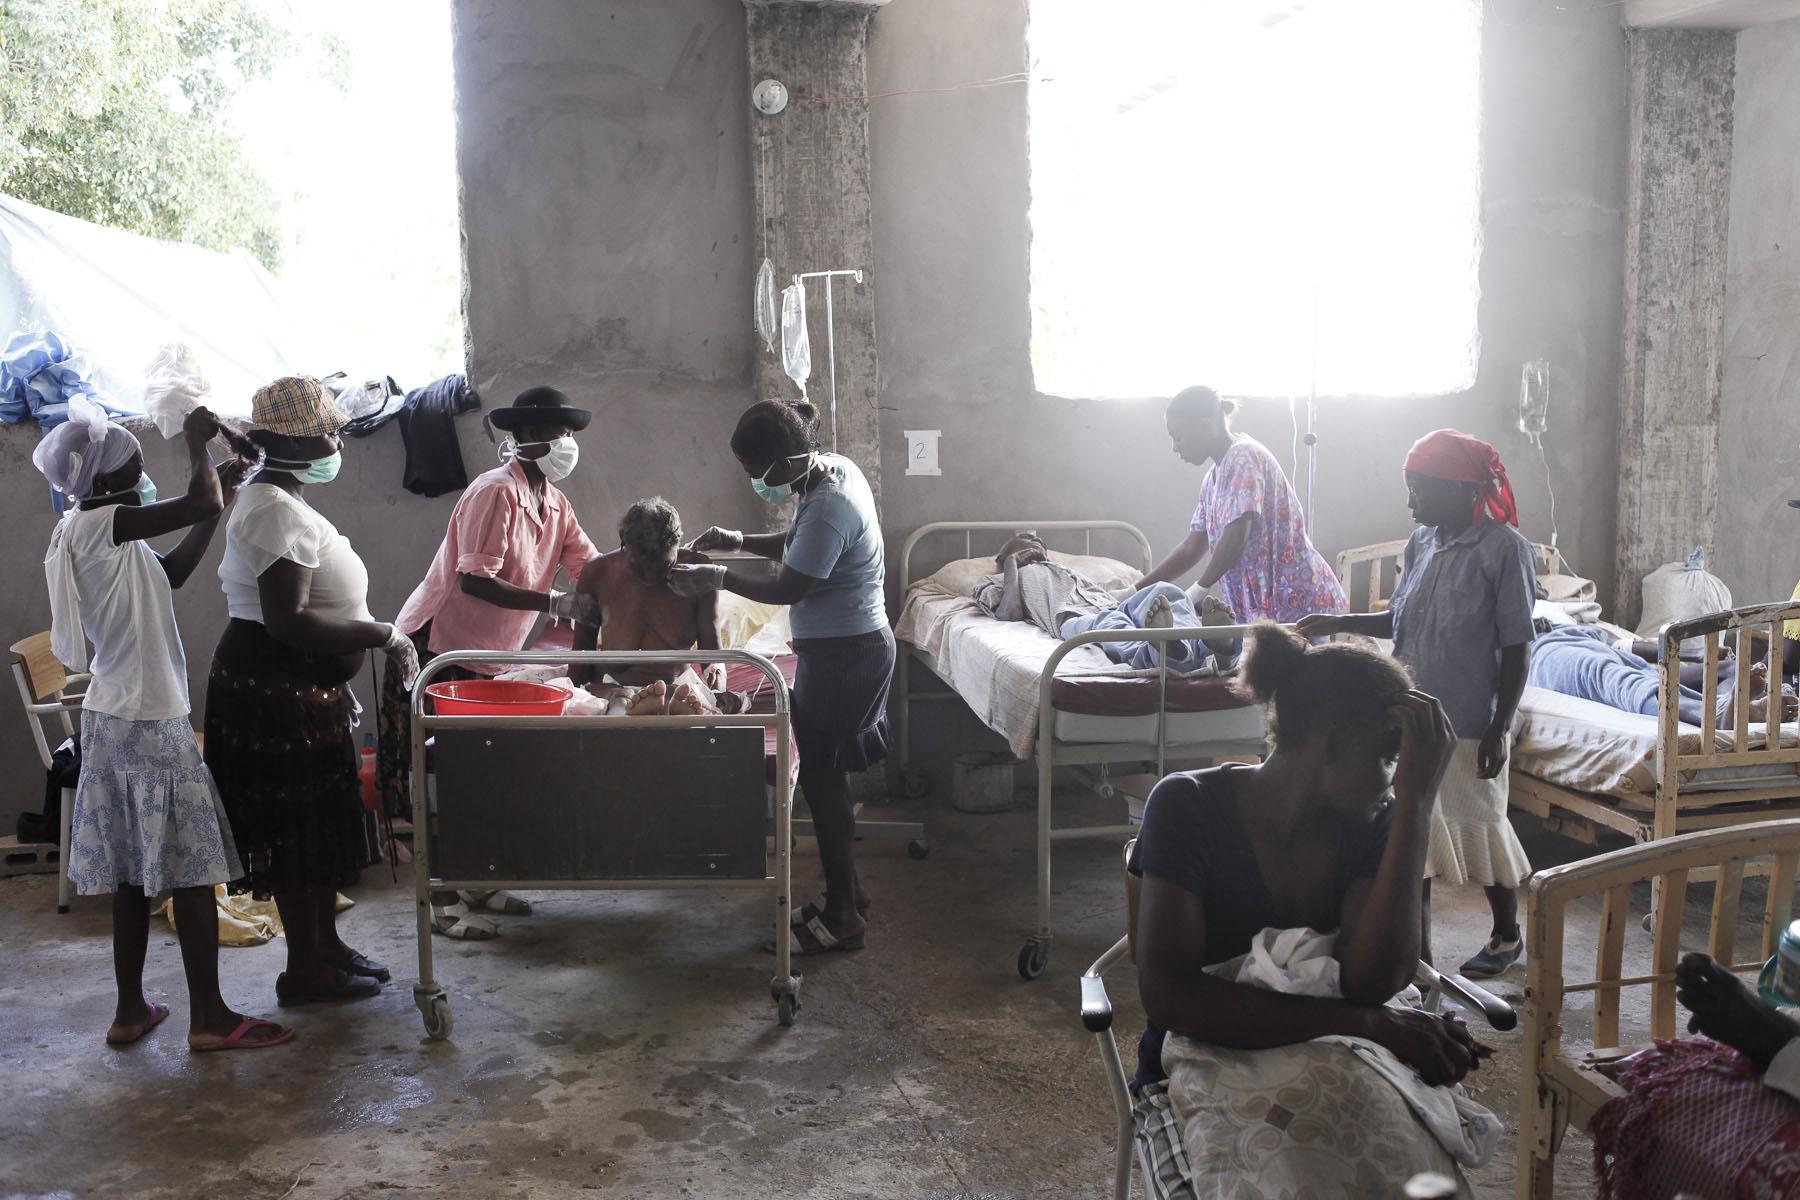 Cholera treatment center on Tuesday, November 23, 2010